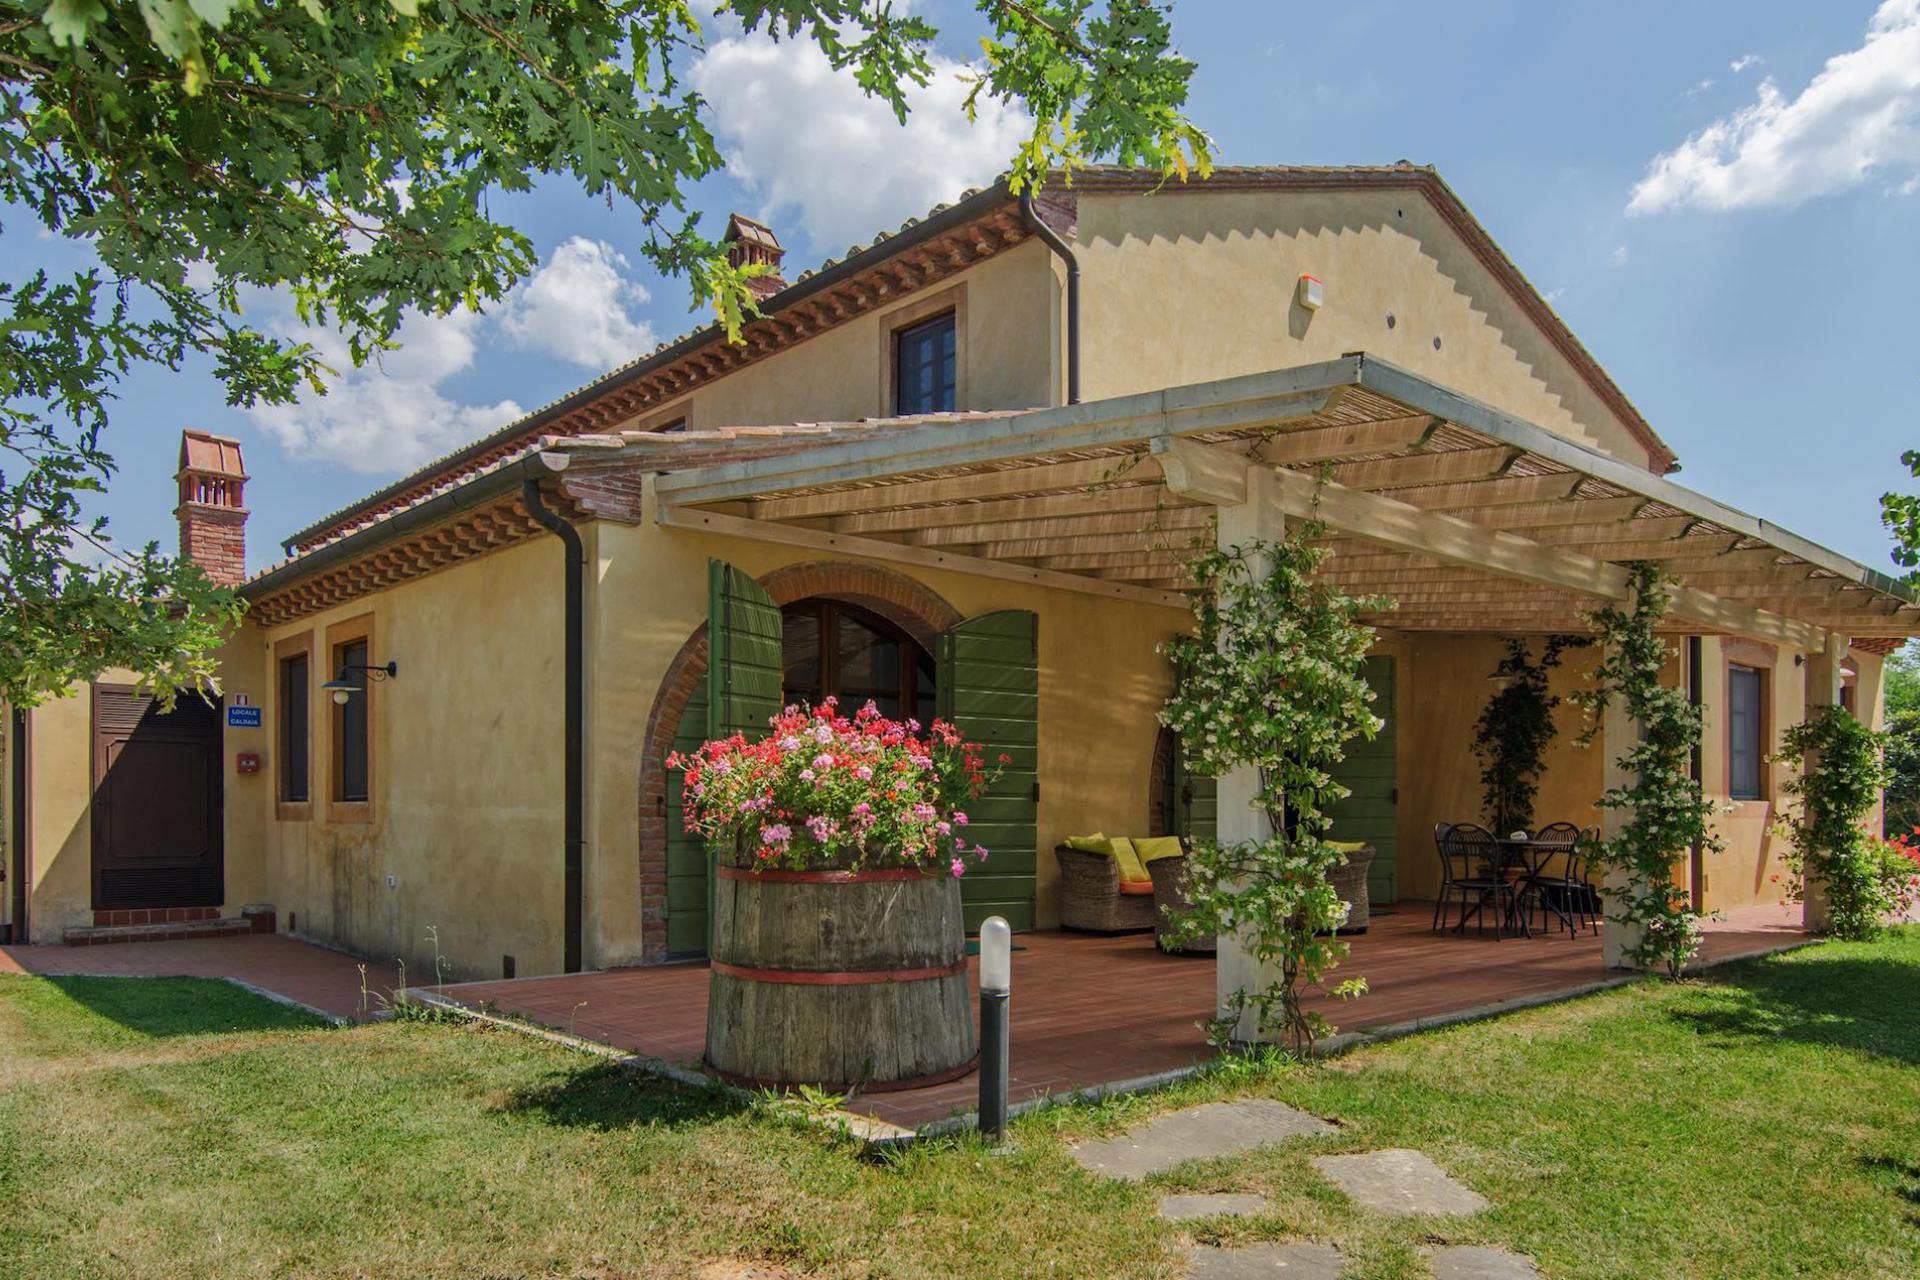 Agriturismo Toscane Kindvriendelijke agriturismo bij Lucca, Toscane